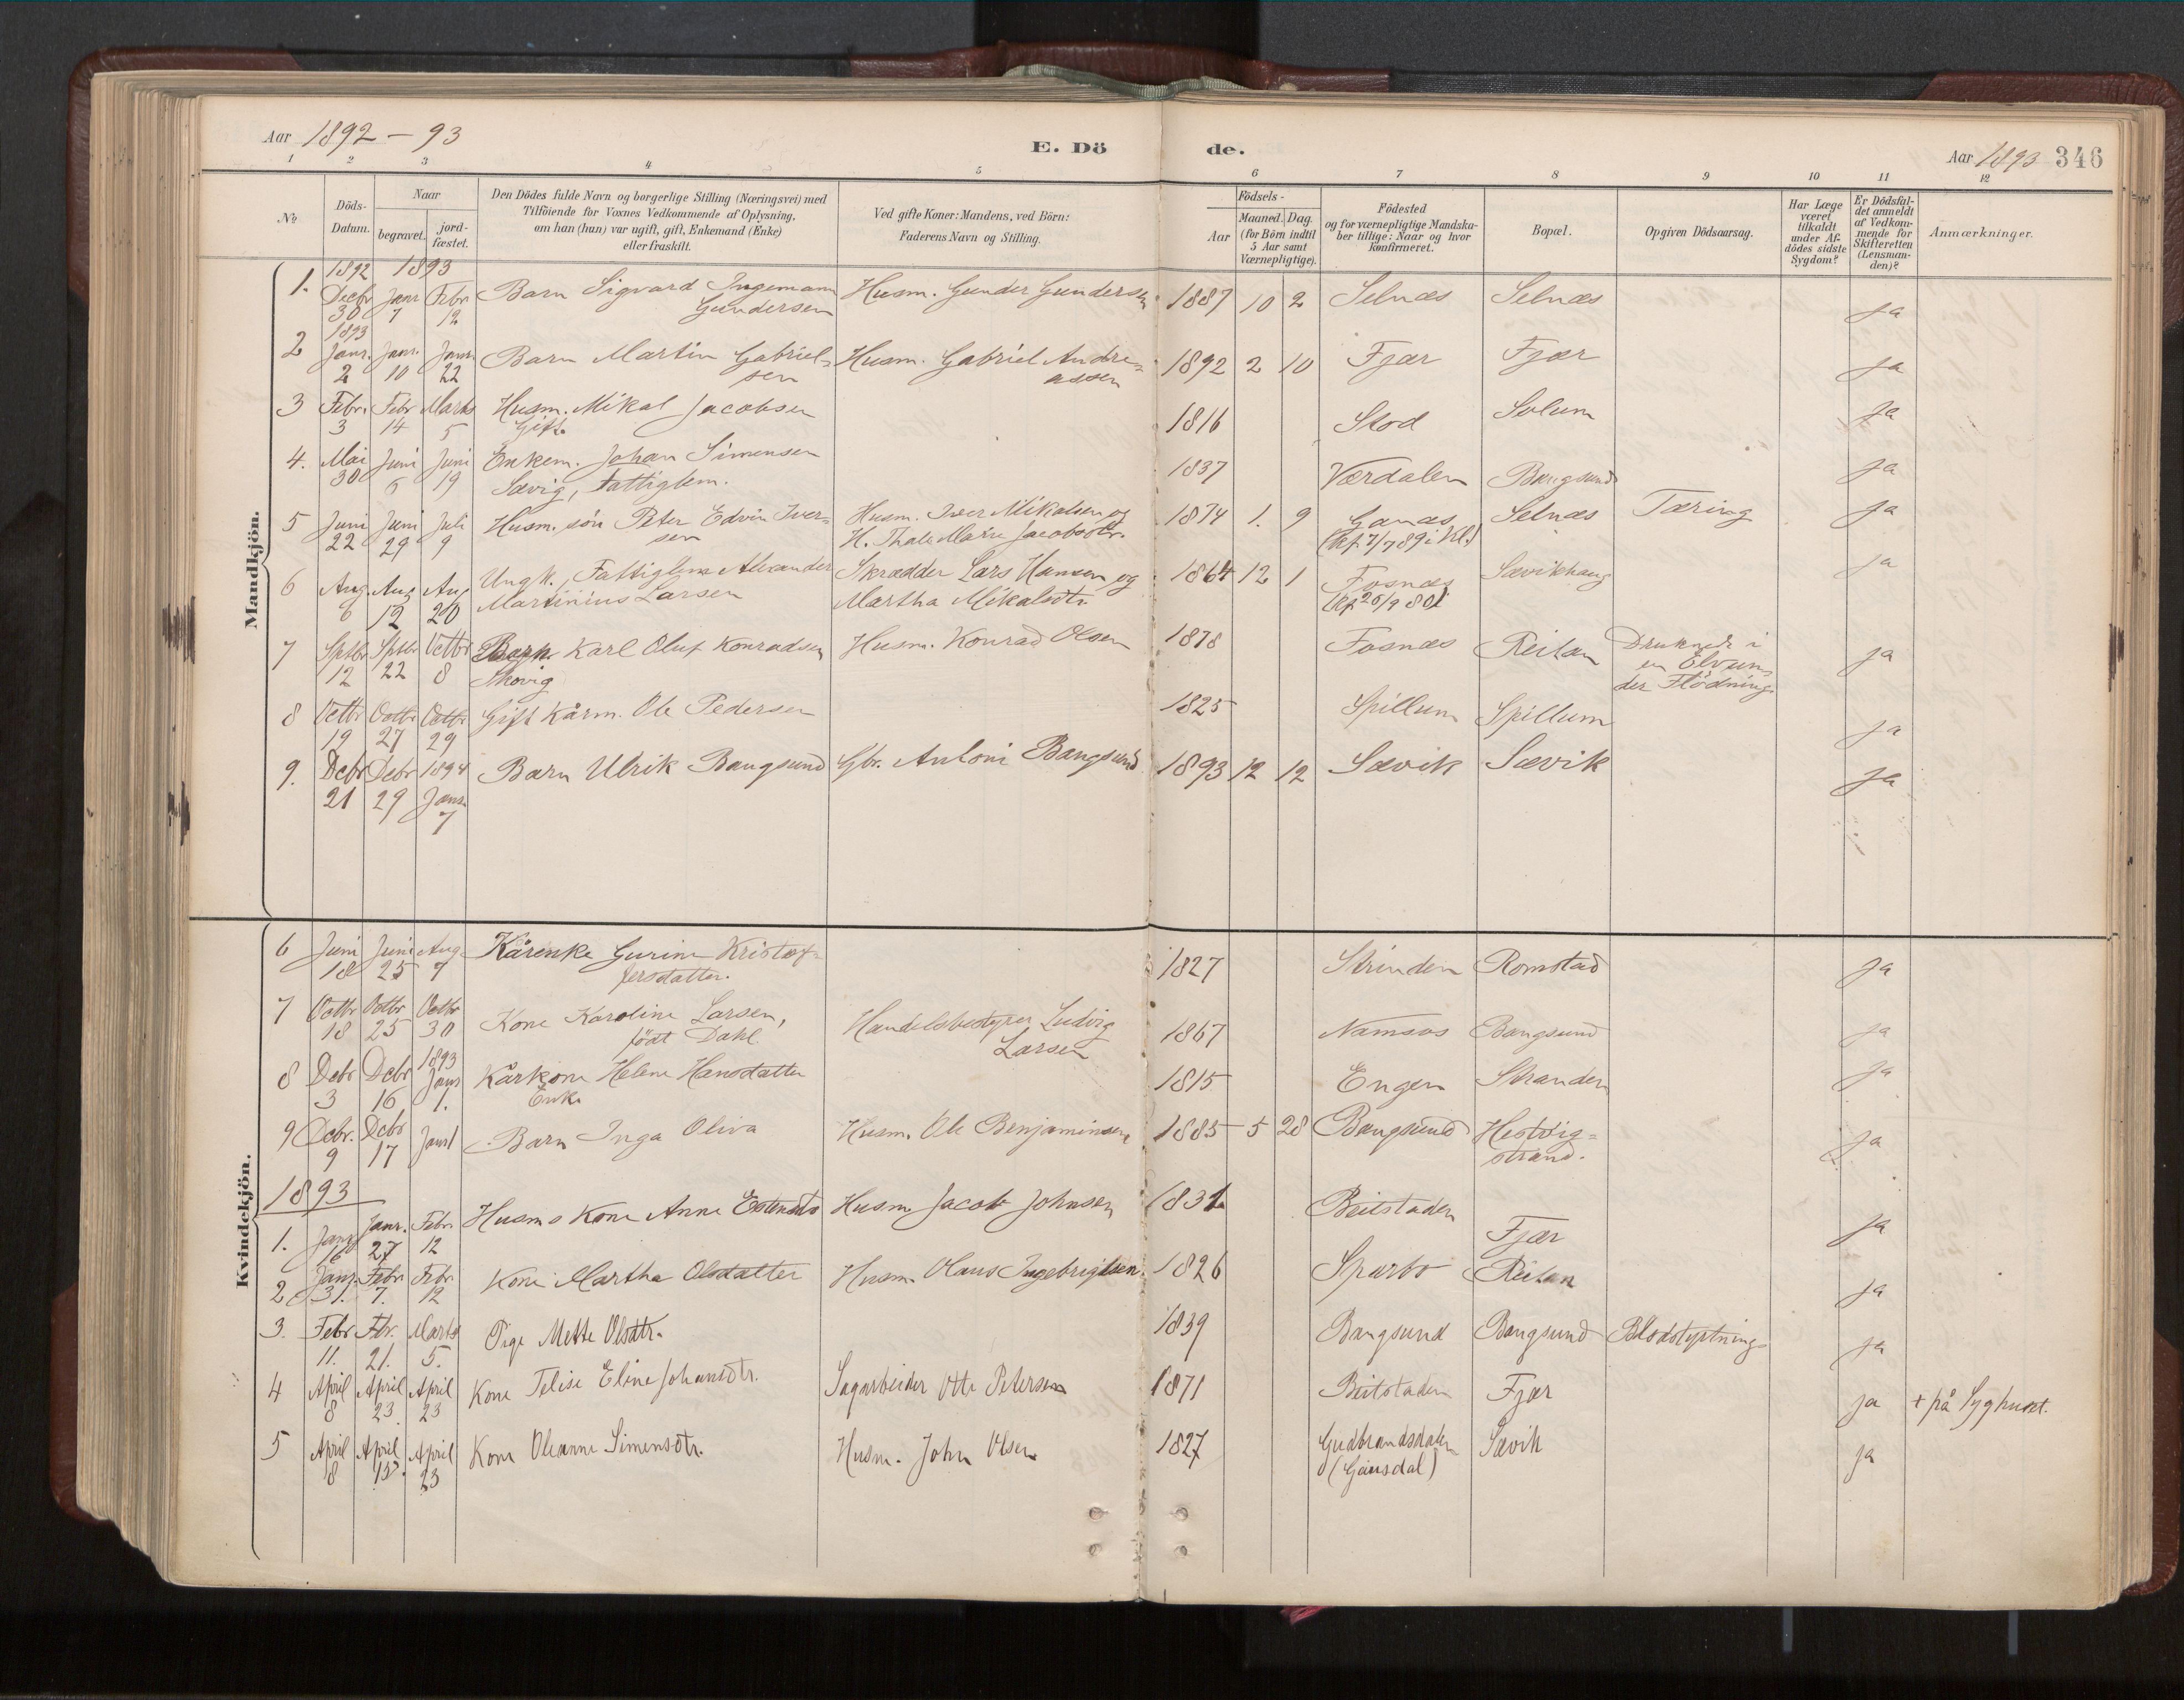 SAT, Ministerialprotokoller, klokkerbøker og fødselsregistre - Nord-Trøndelag, 770/L0589: Ministerialbok nr. 770A03, 1887-1929, s. 346